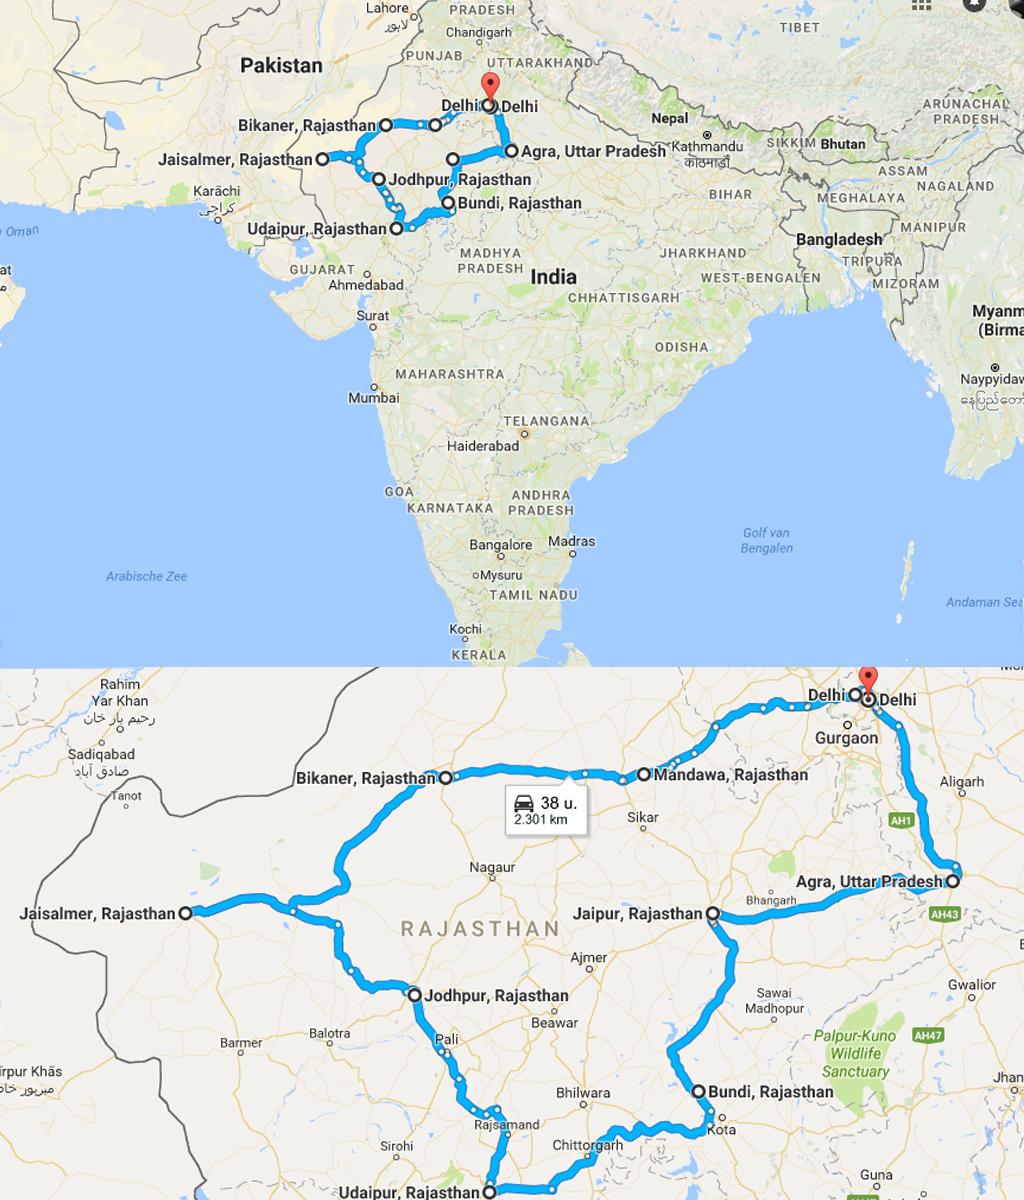 Rajasthan route kaart